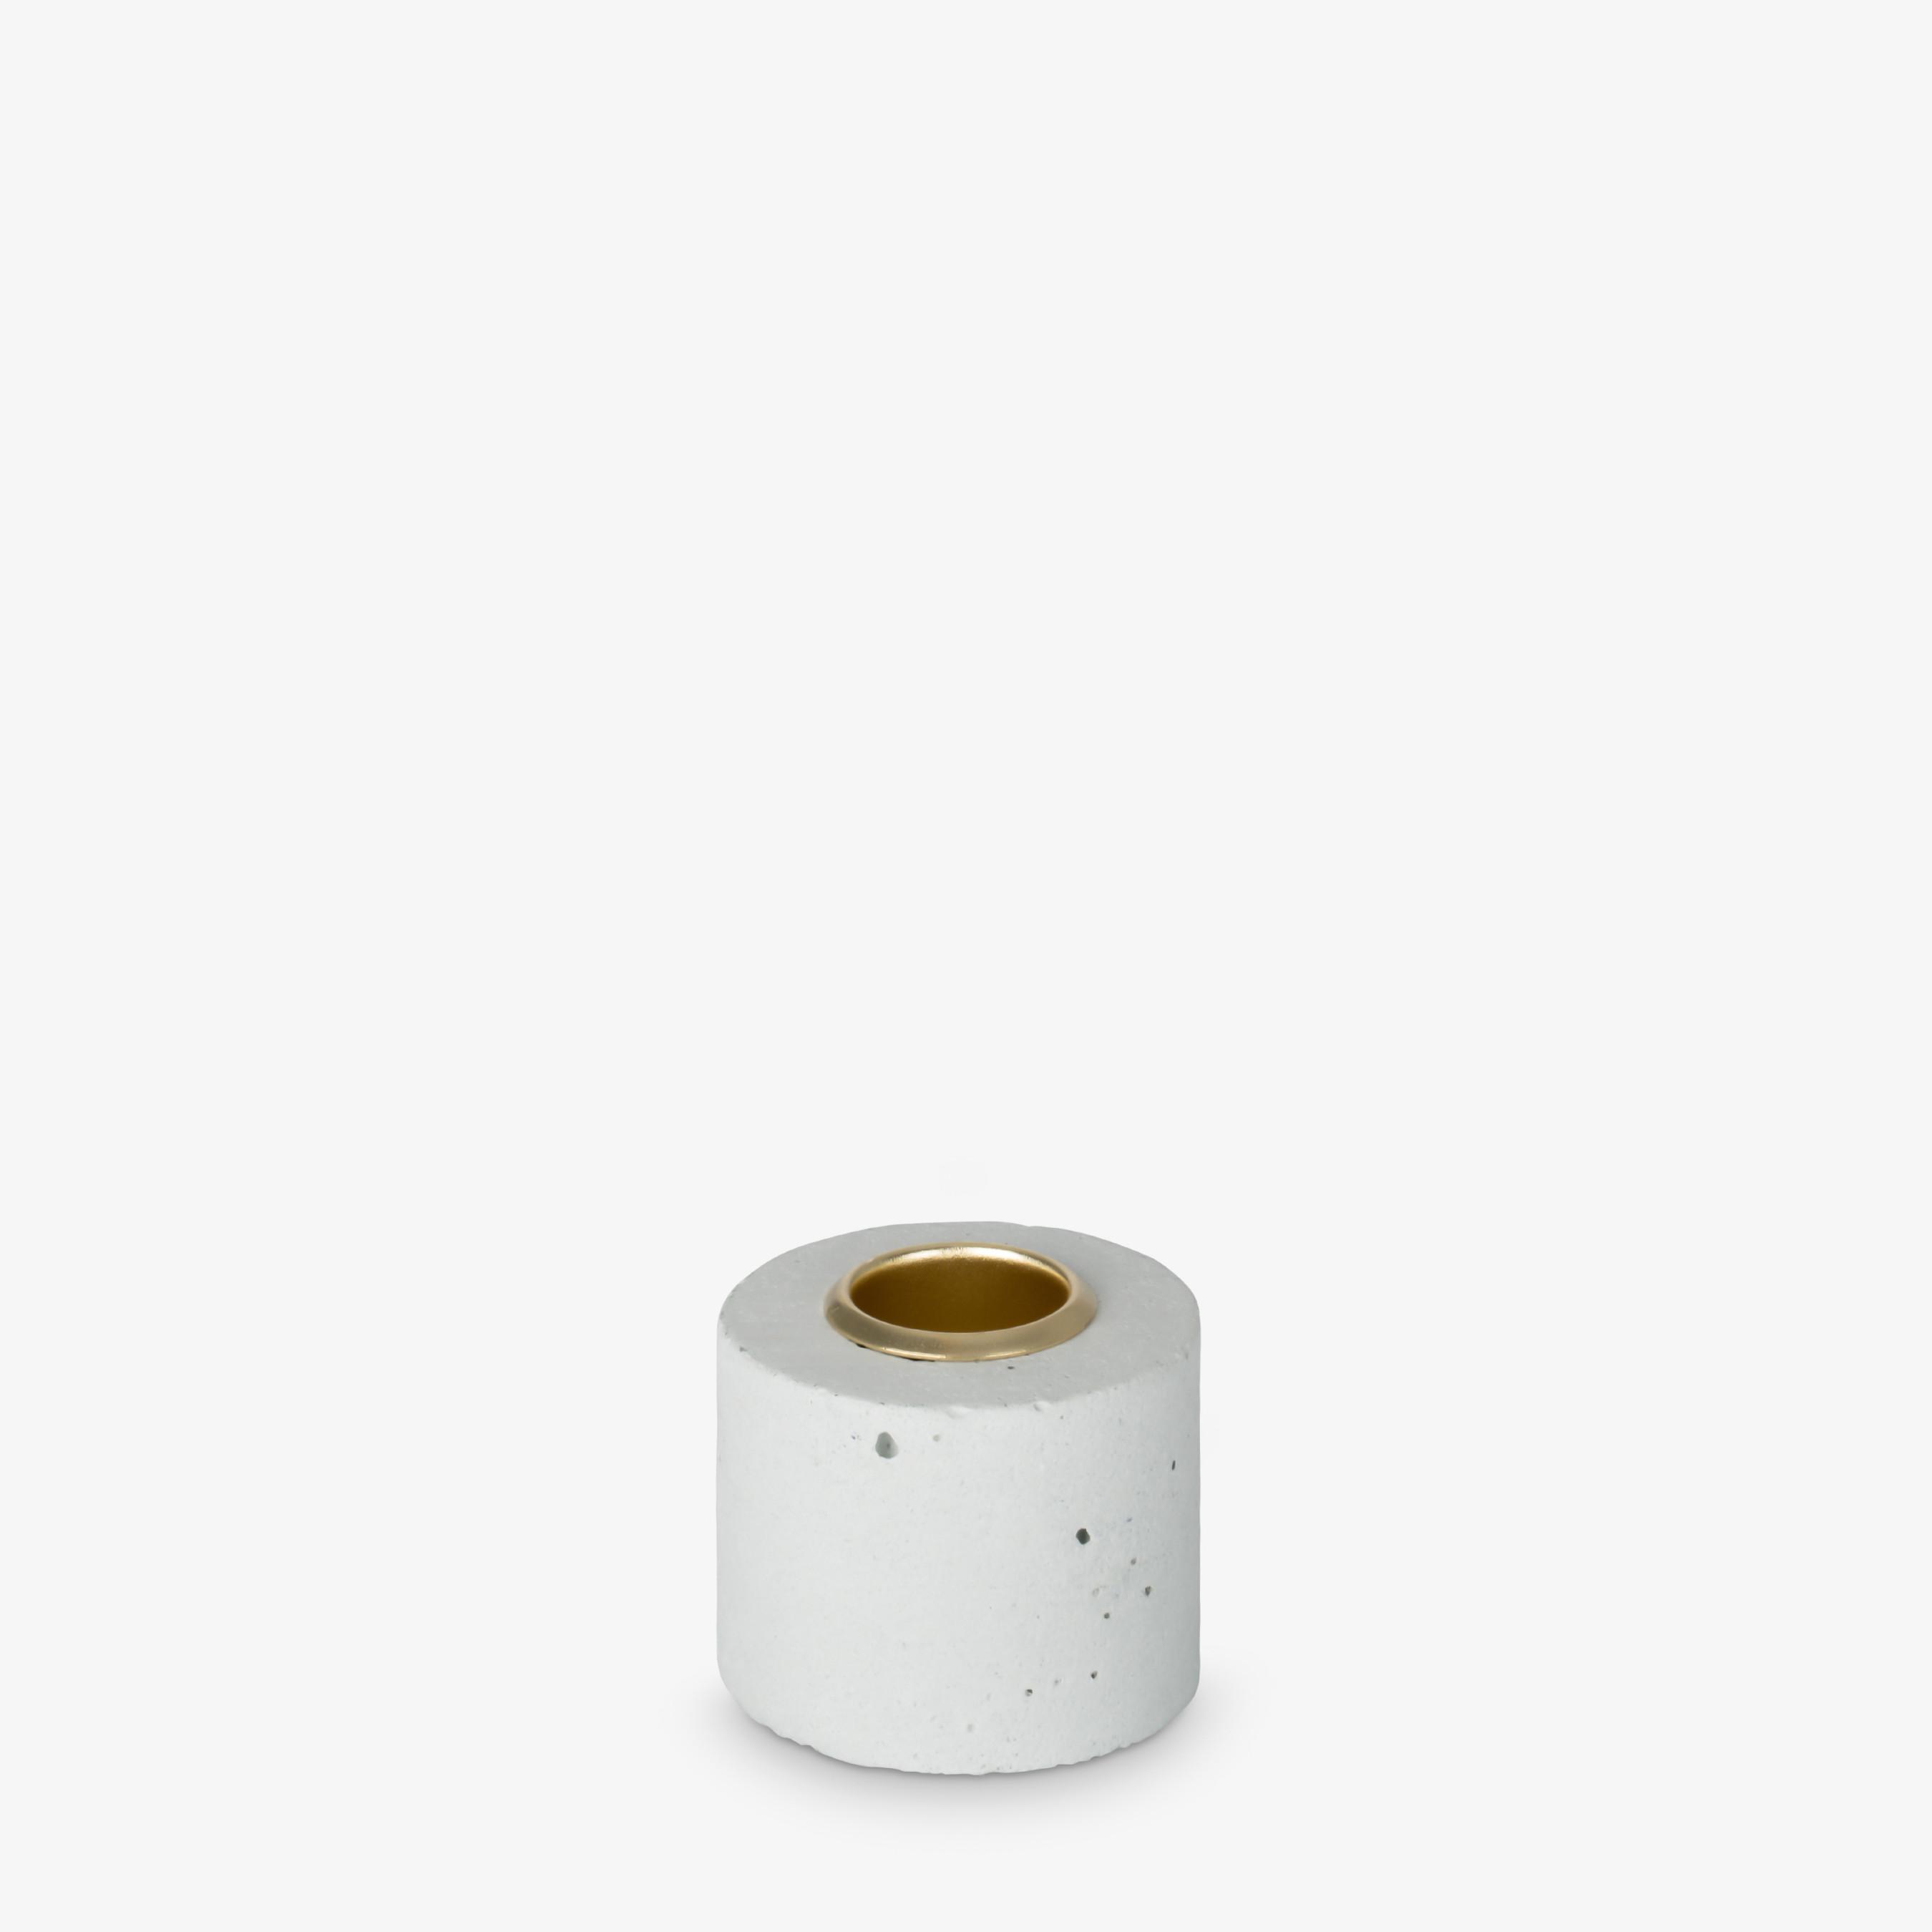 Kerzenhalter Tower 4x5 cm | Pastell Minze